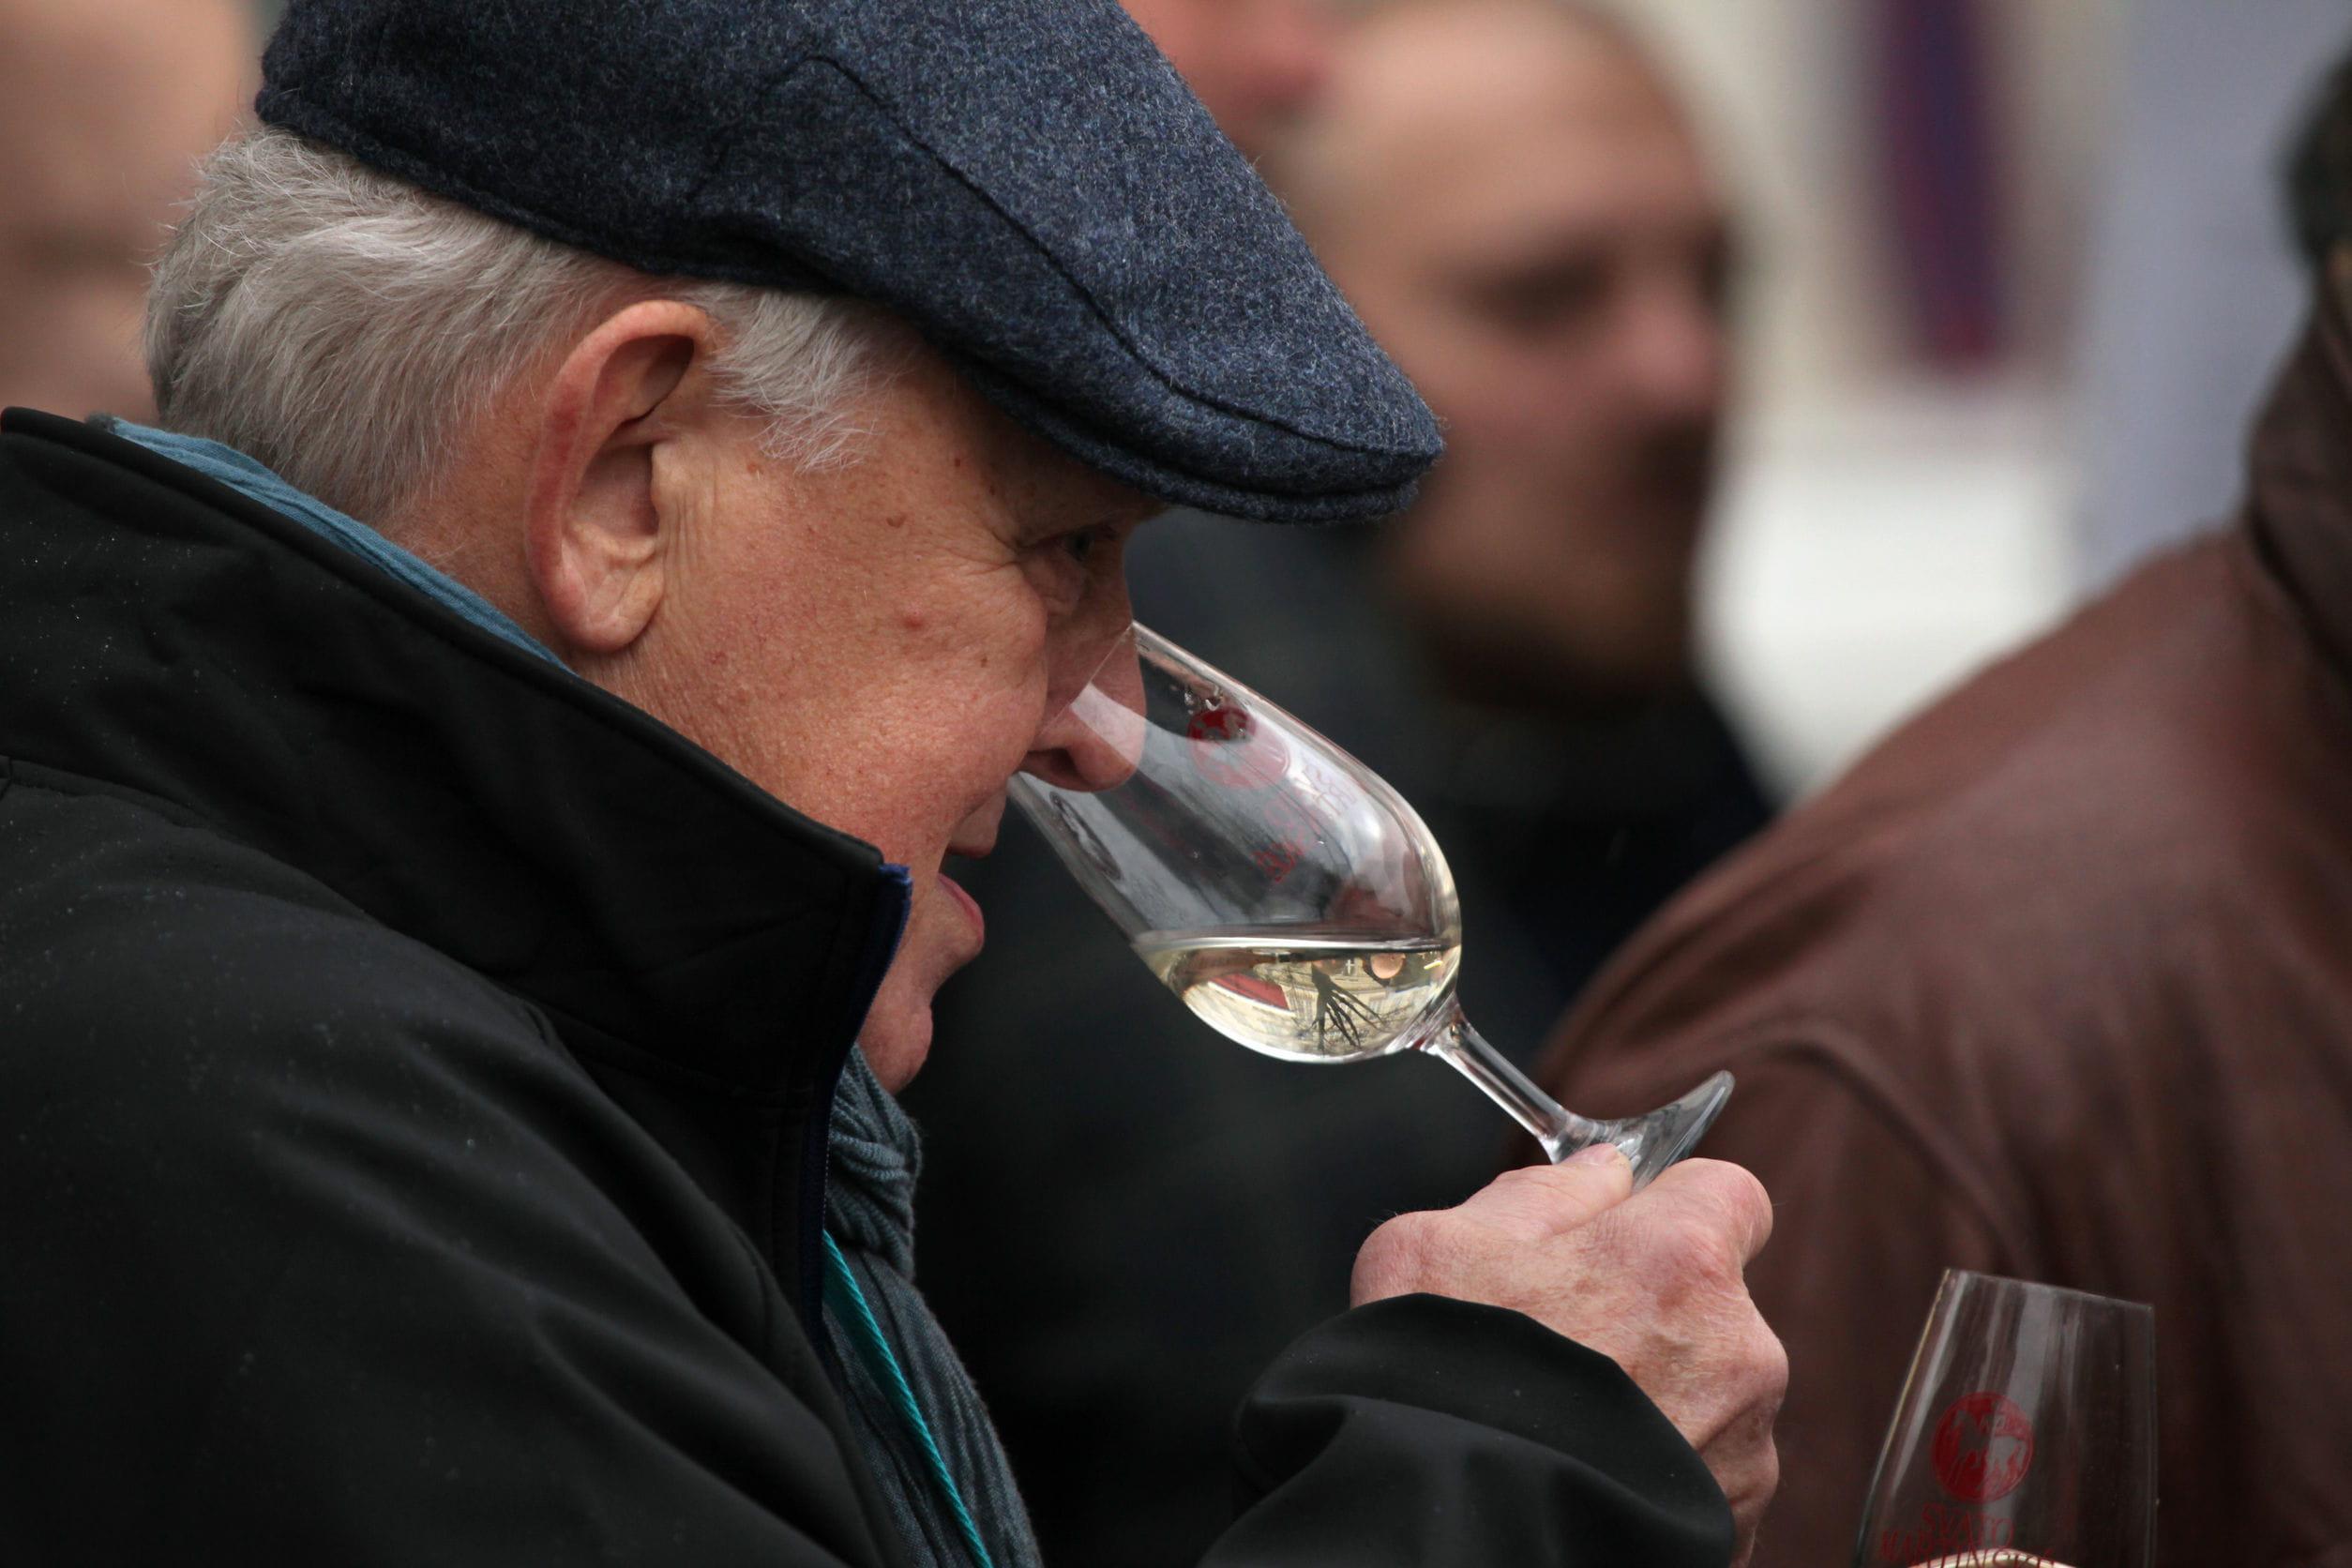 Beaujolais nouveau d 39 o vient ce vin et comment le f ter date prix - D ou vient la moisissure sur les murs ...